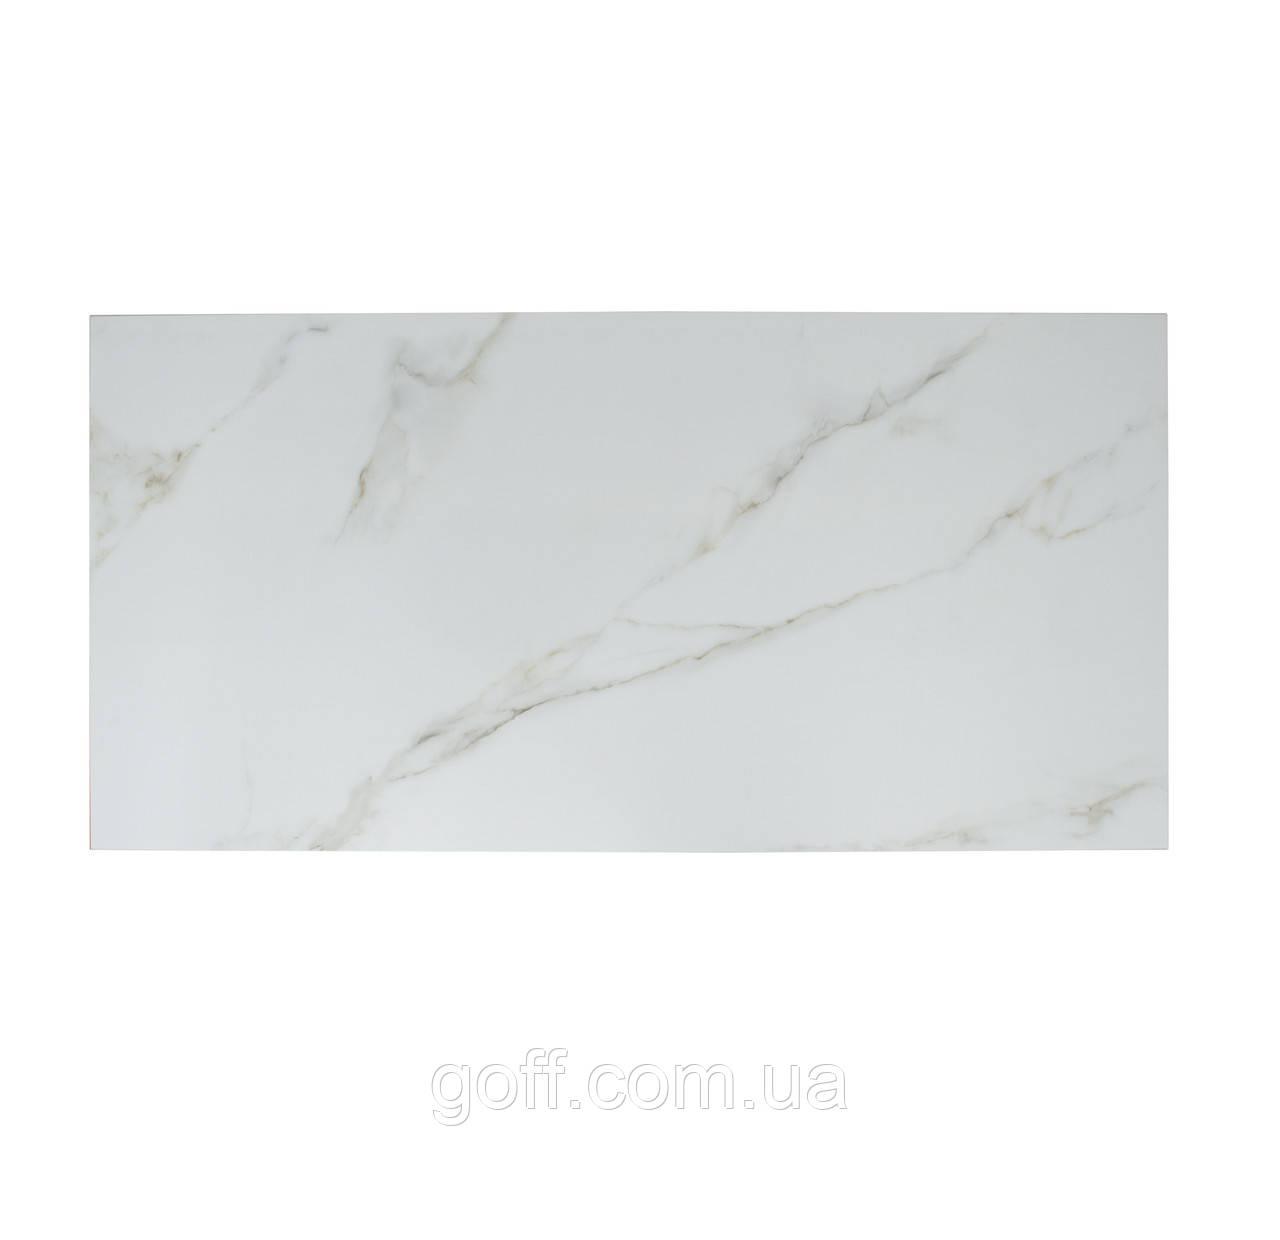 Керамический обогреватель Teploceramic TCM 800 мрамор 800179